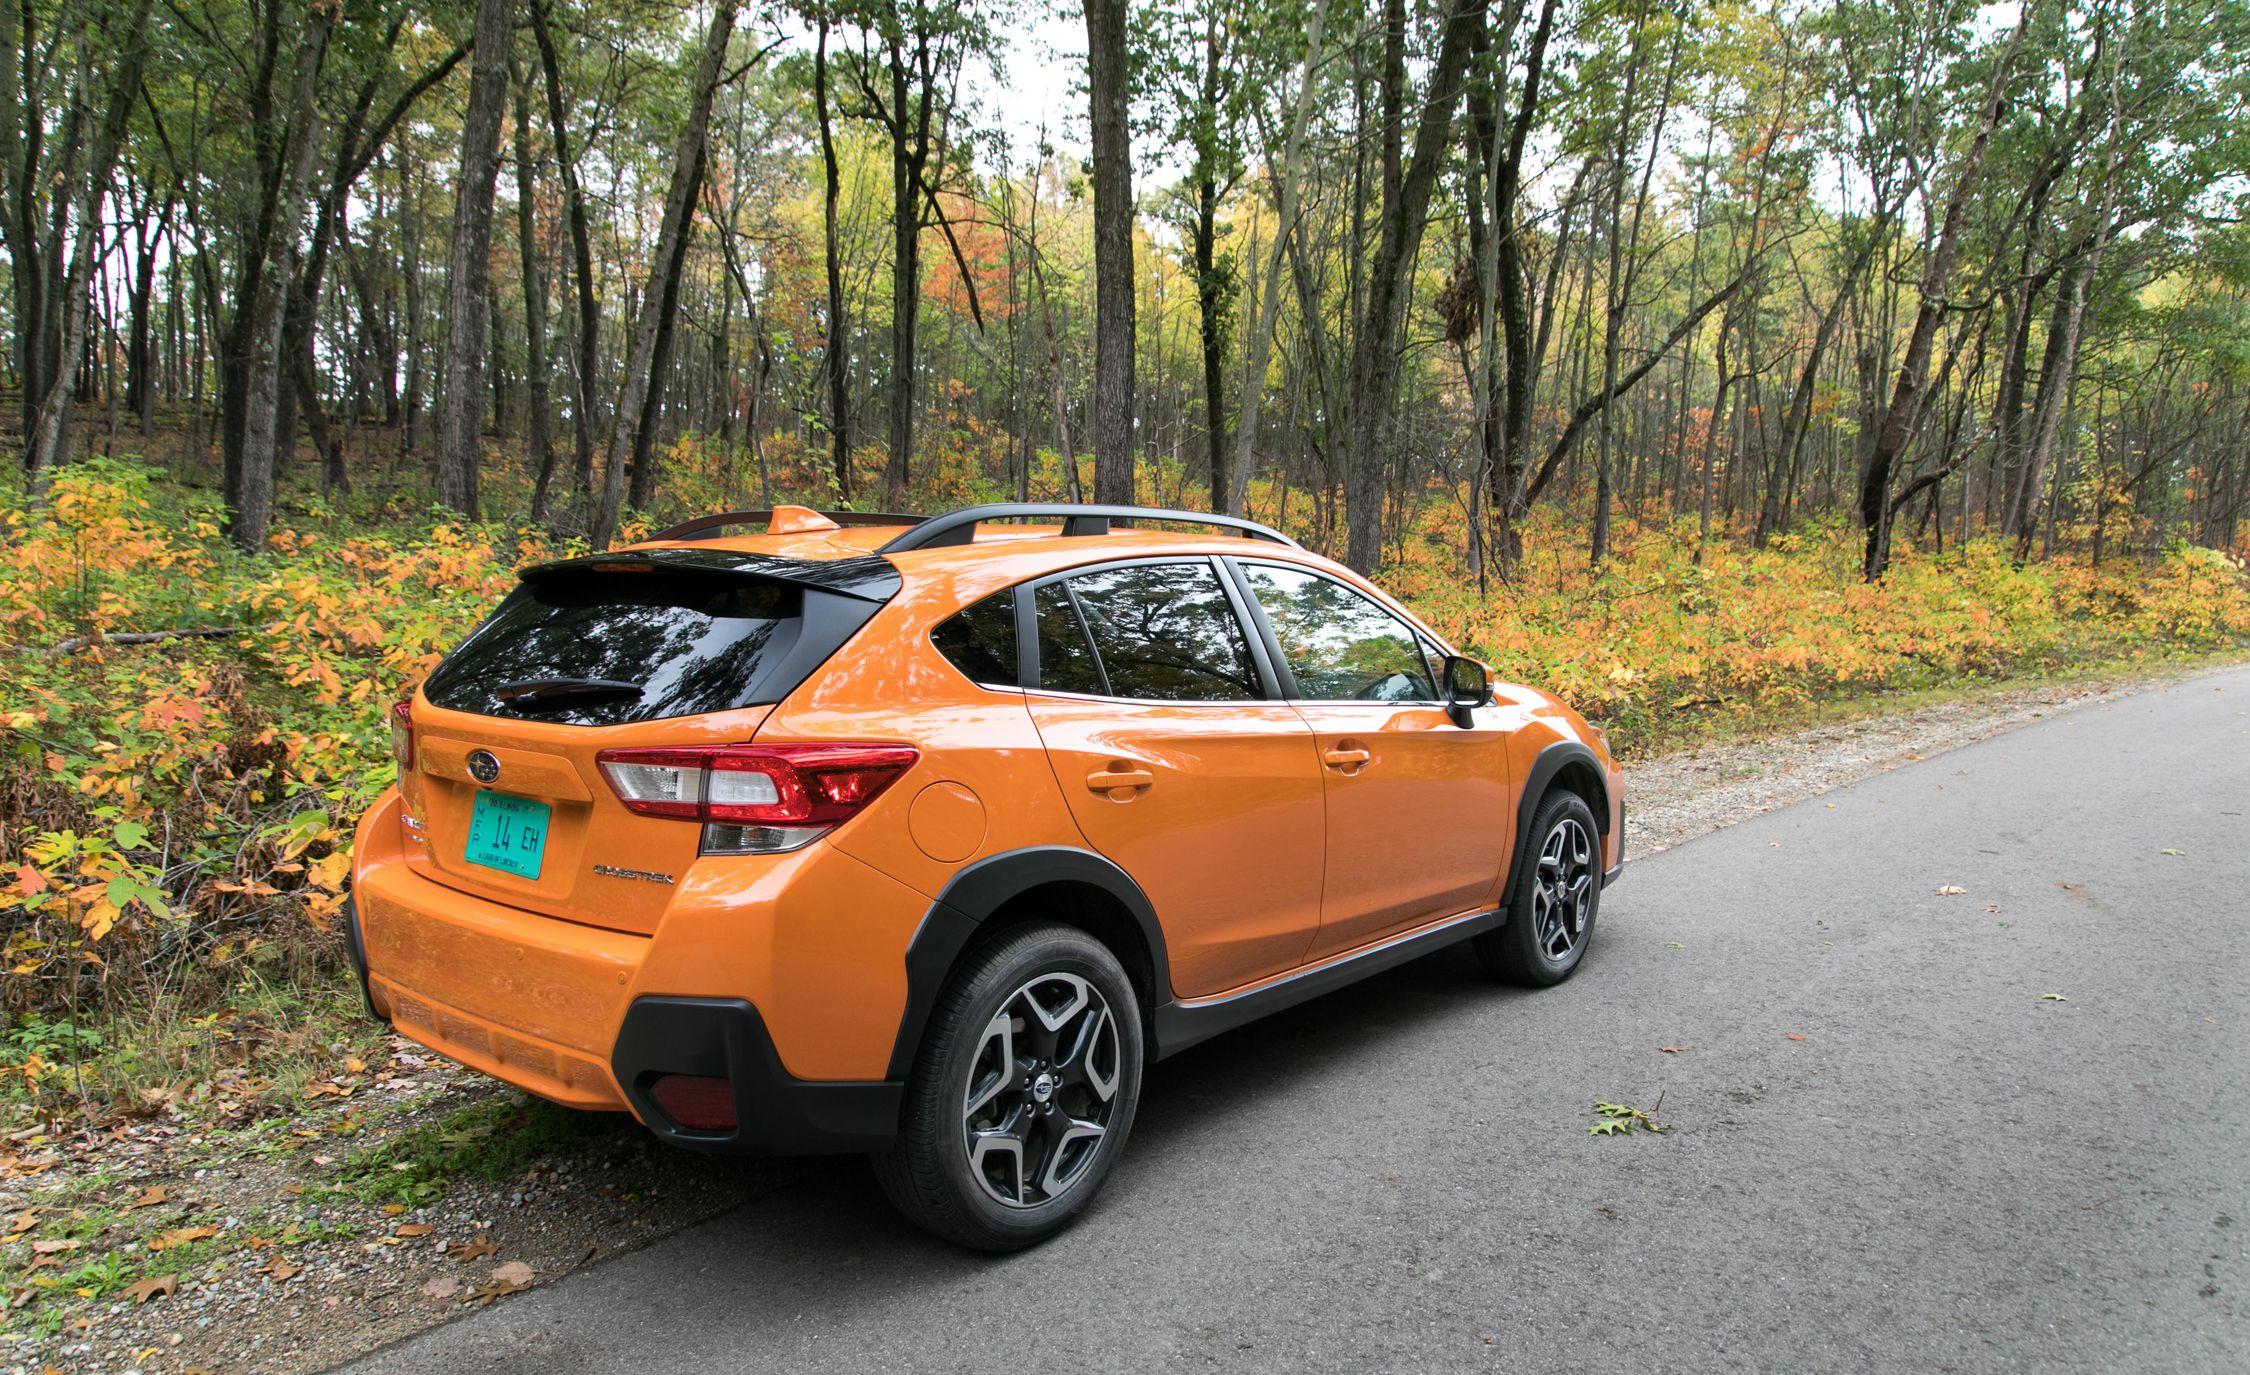 2018 Subaru Crosstrek Mpg >> 2018 Subaru Crosstrek Fuel Economy Review Car And Driver